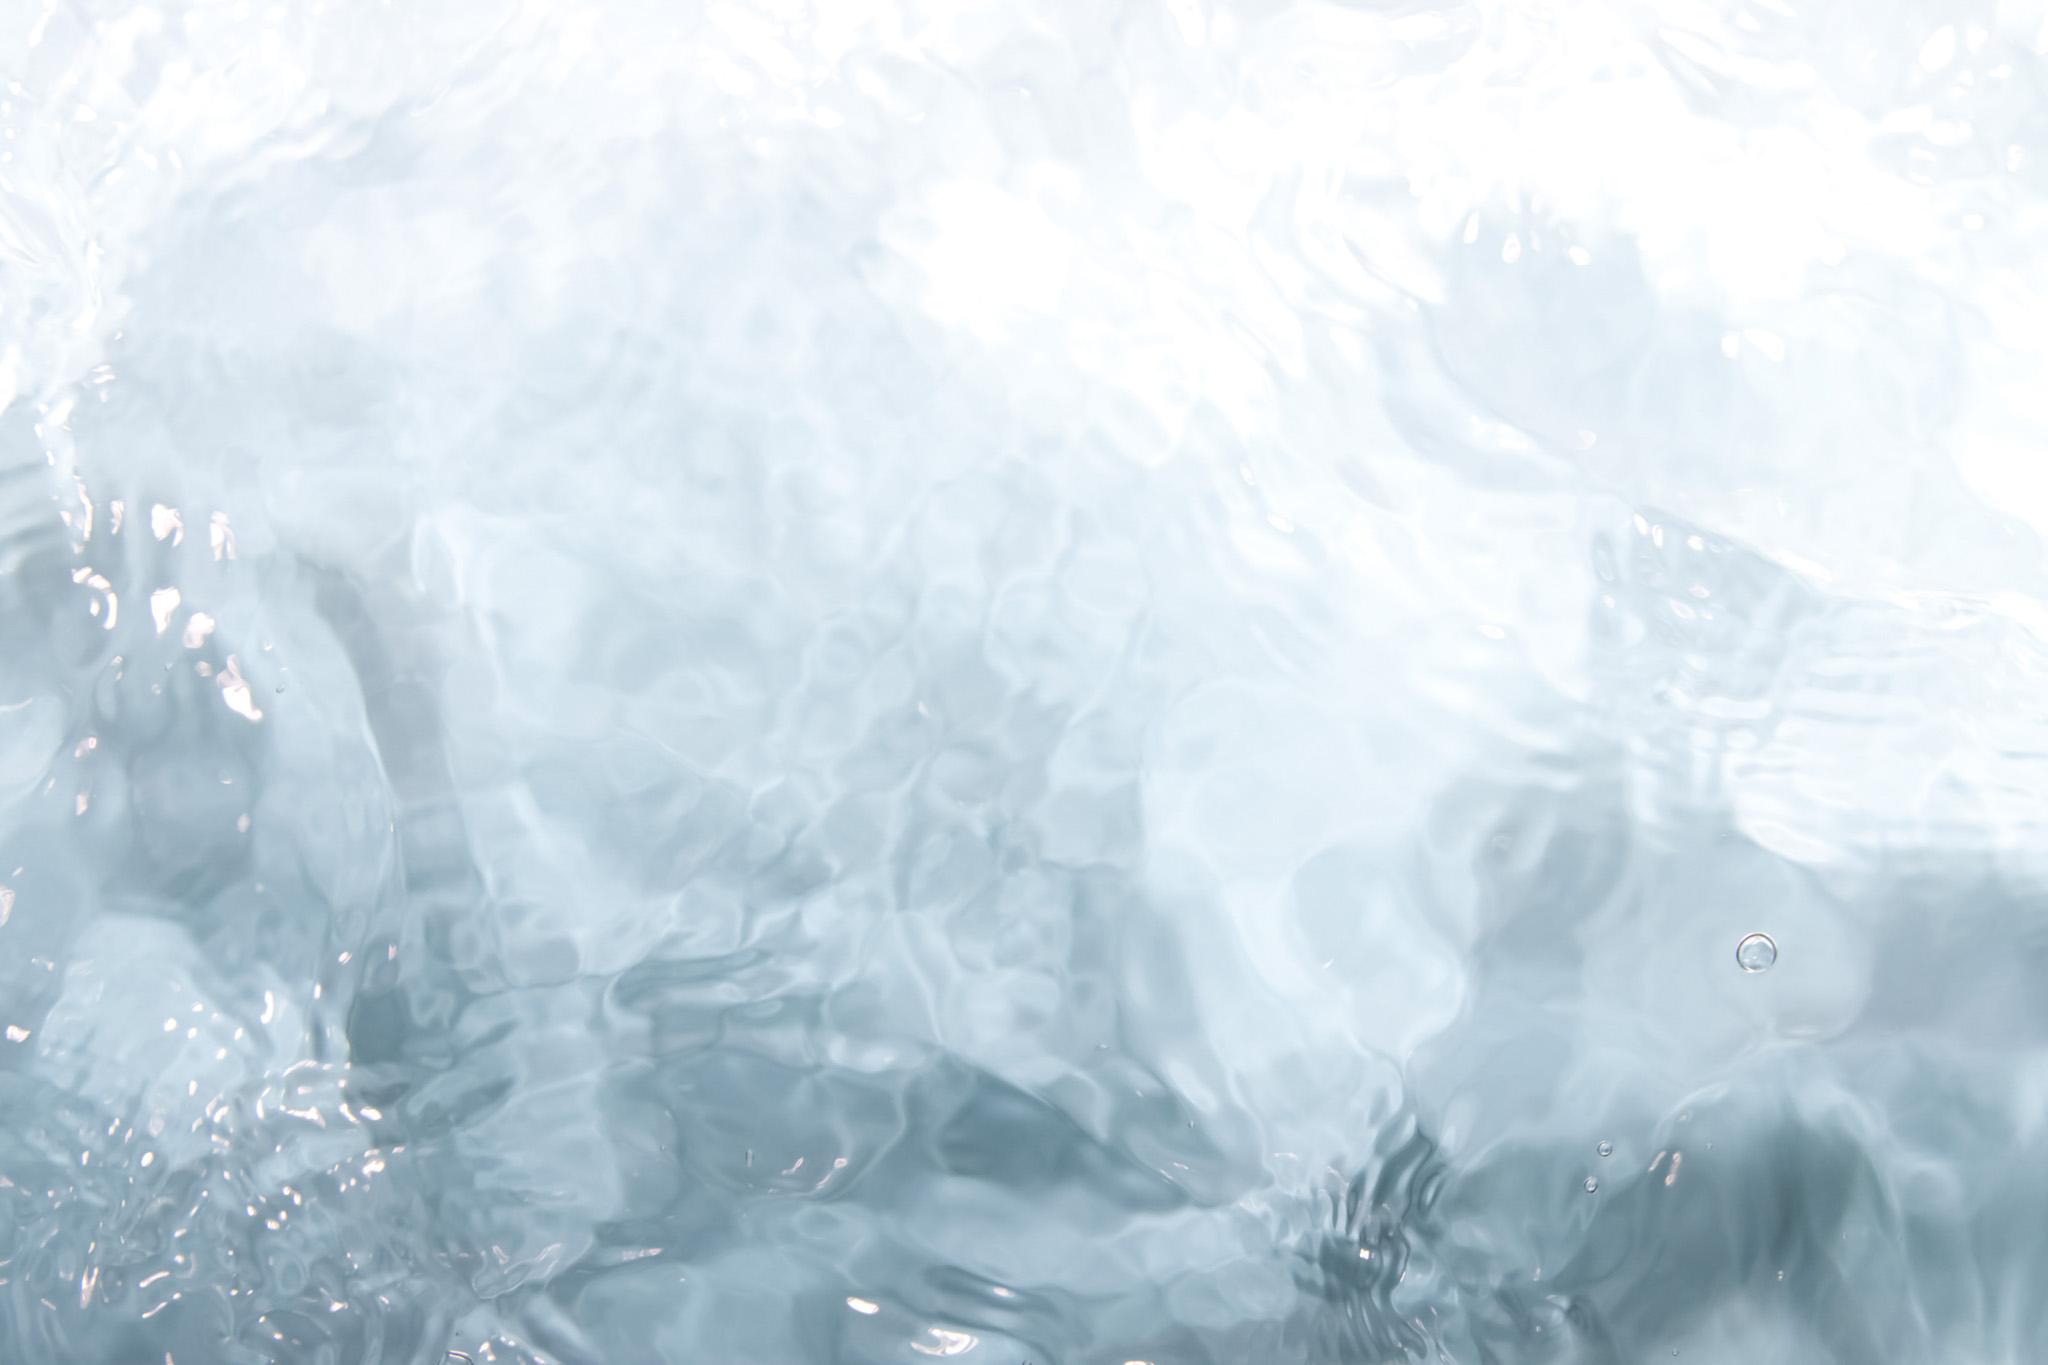 「透明な水に反射する光」の素材を無料ダウンロード